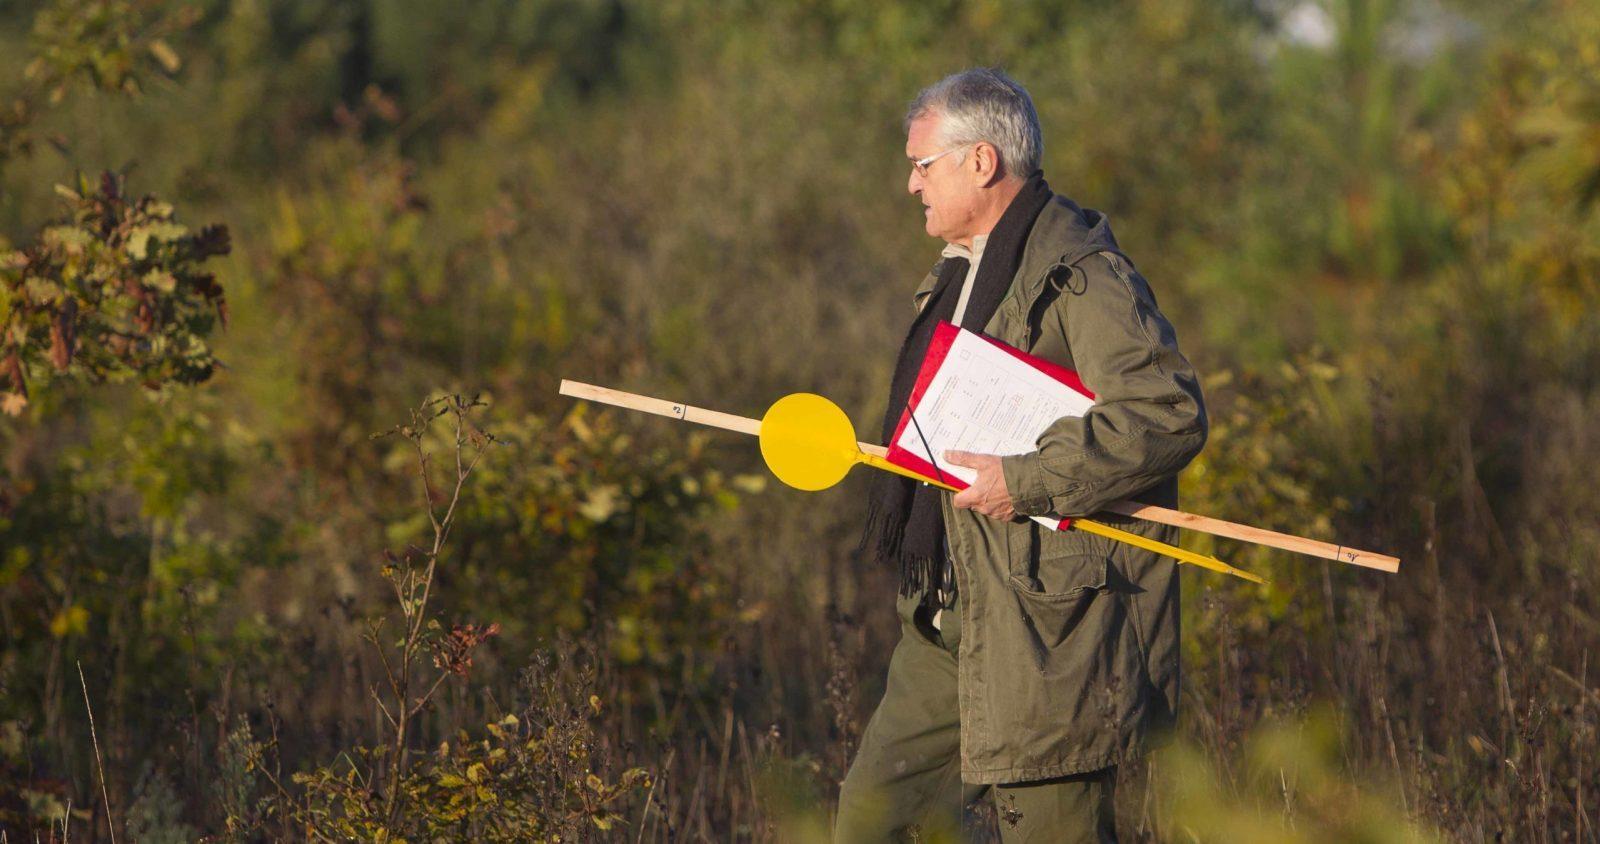 Un chasseur pose des panneaux de signalisation